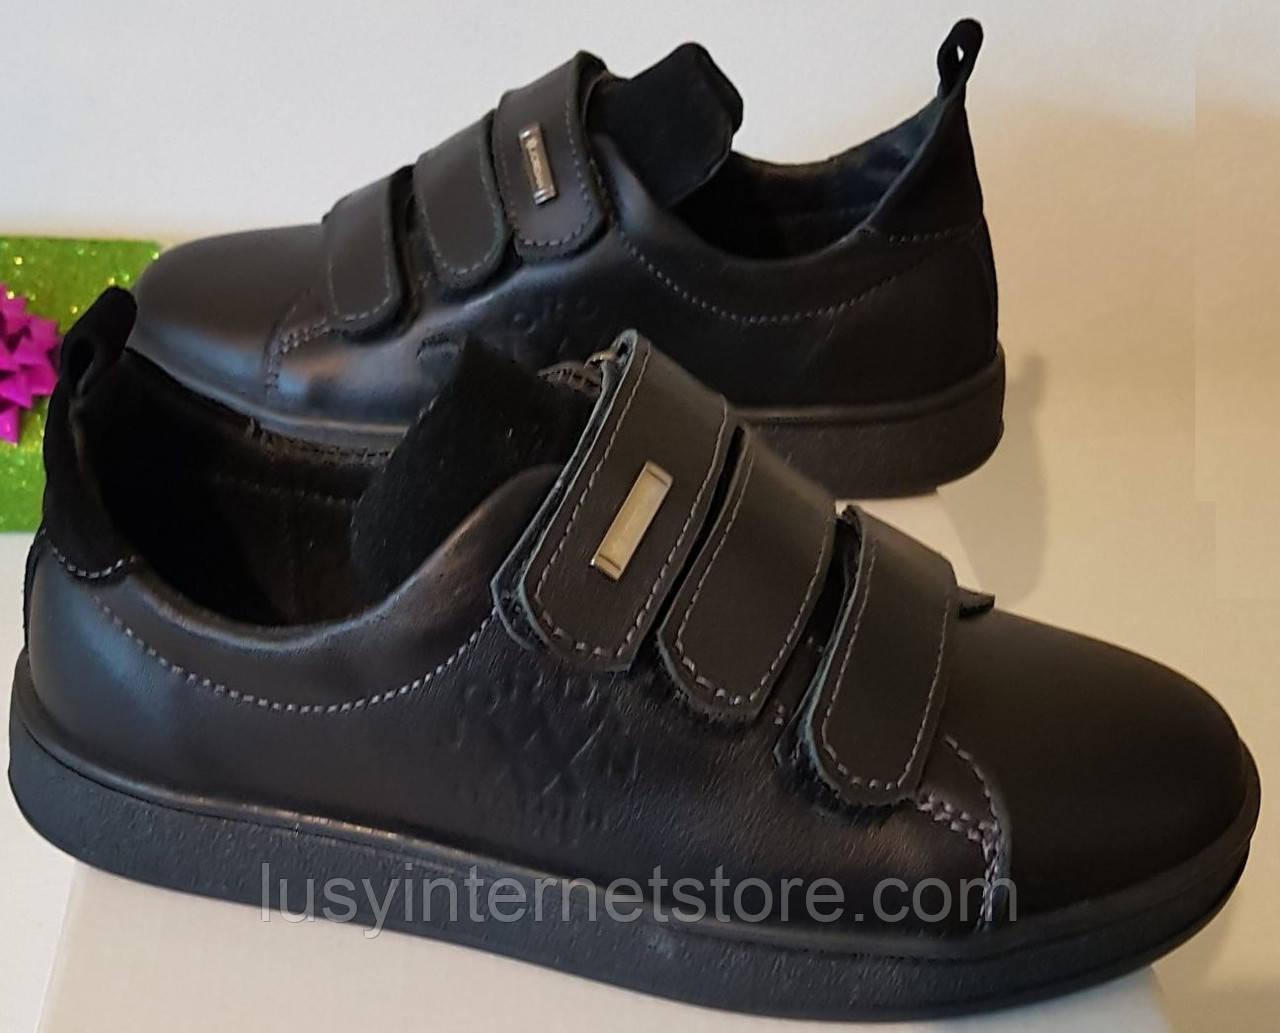 Кроссовки детские на липучках из натуральной кожи от производителя модель ДЖ014